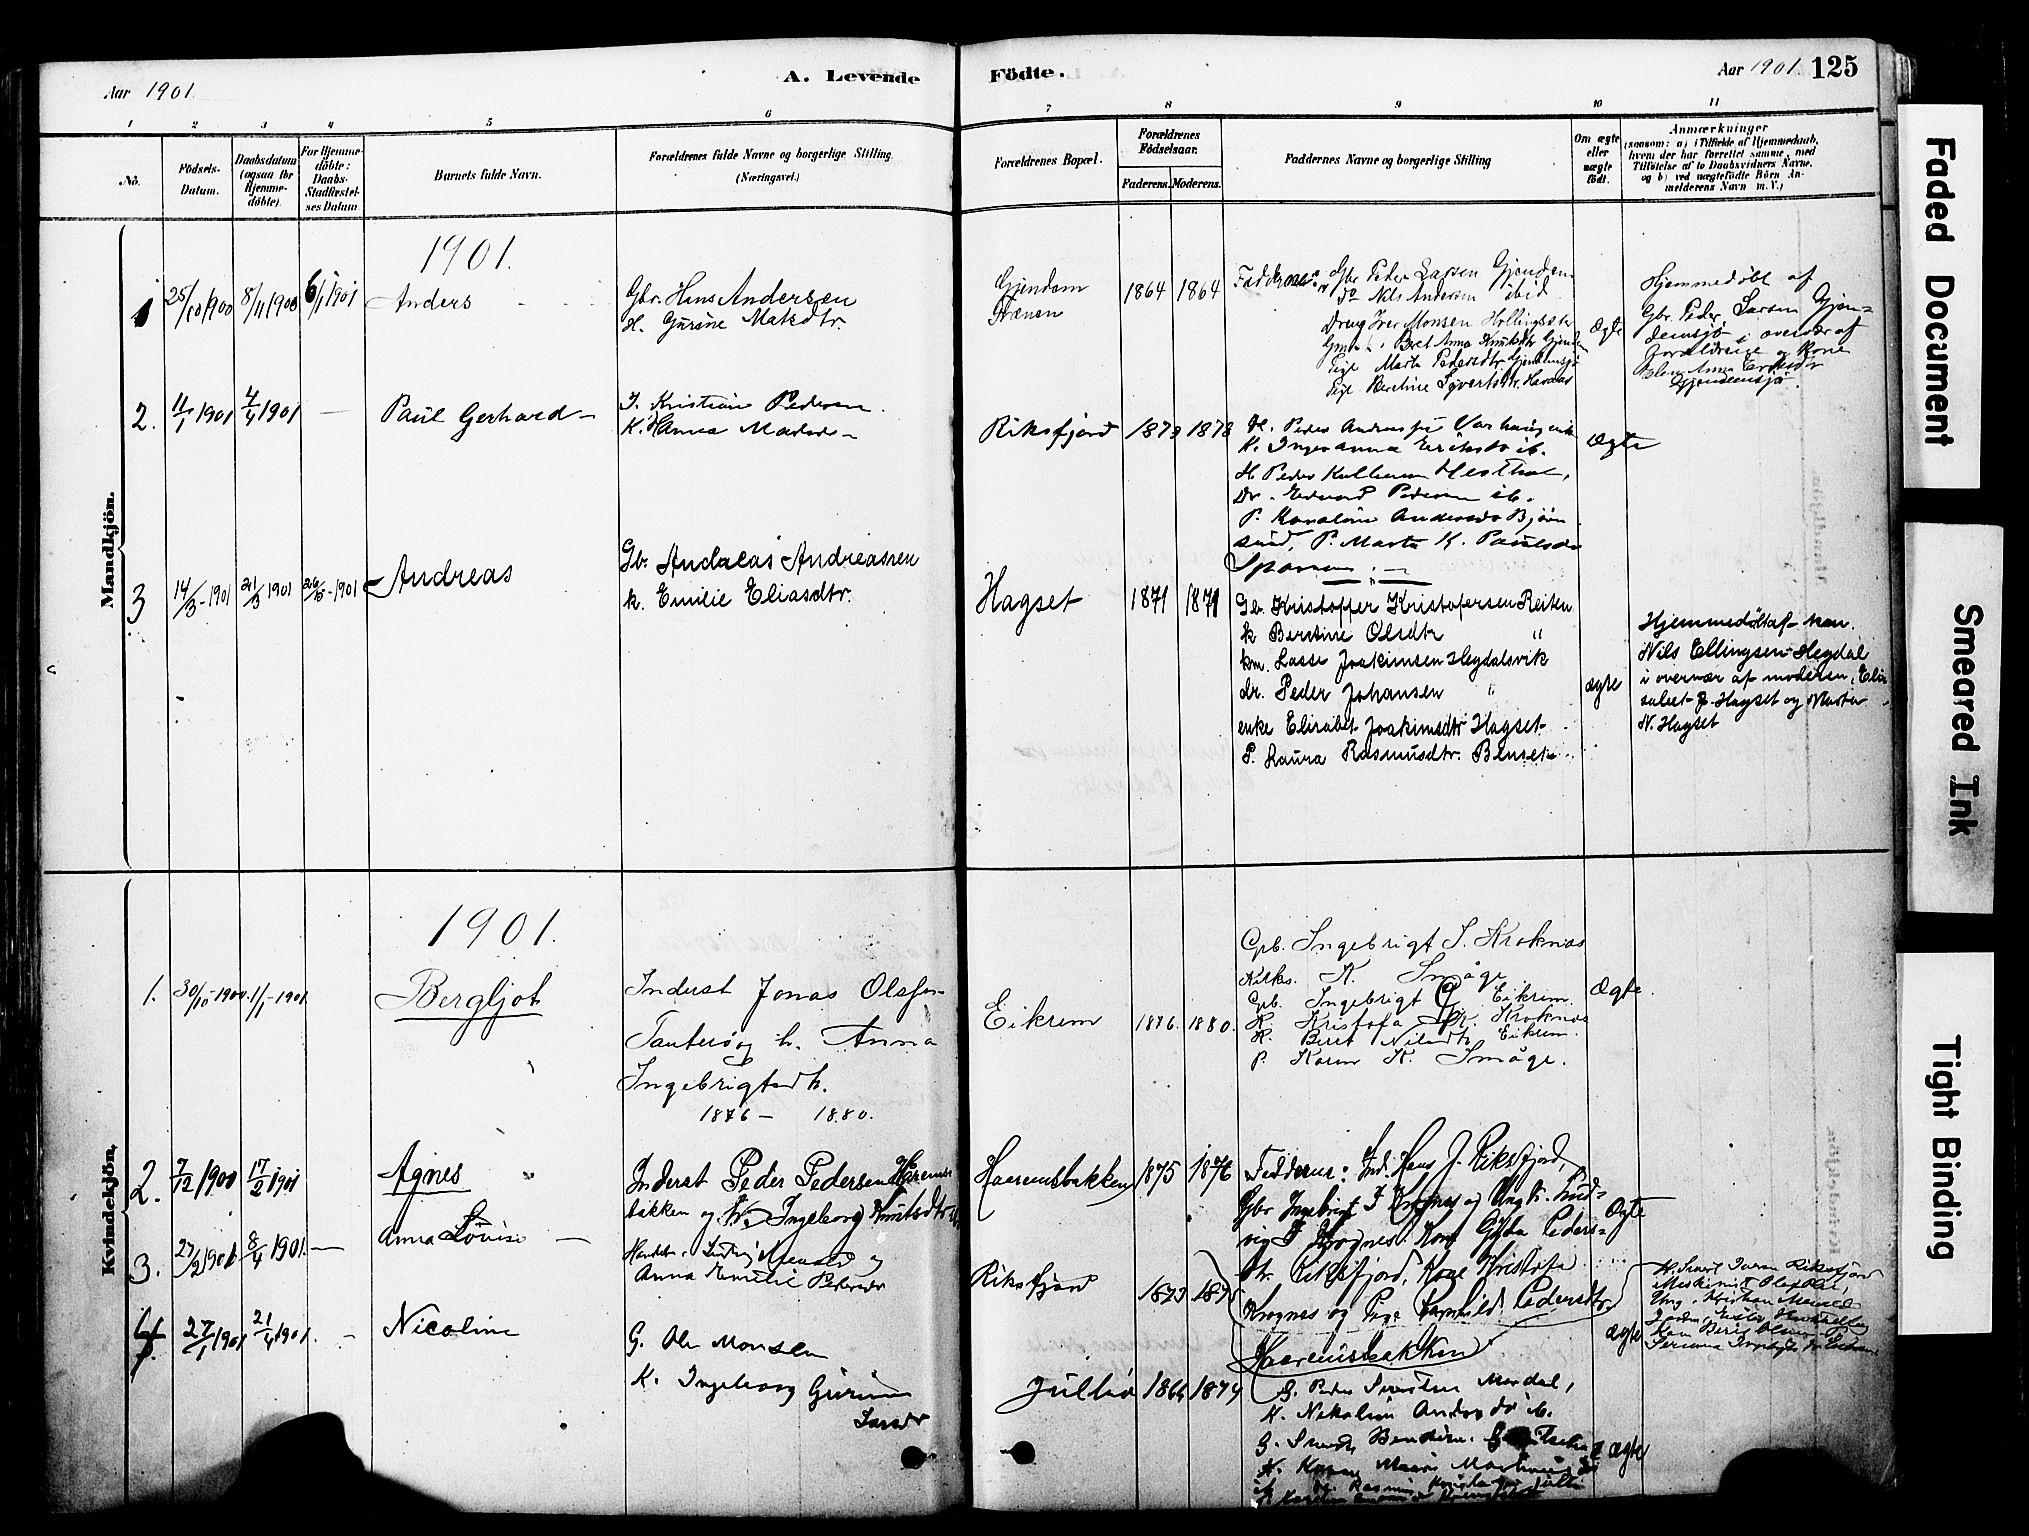 SAT, Ministerialprotokoller, klokkerbøker og fødselsregistre - Møre og Romsdal, 560/L0721: Ministerialbok nr. 560A05, 1878-1917, s. 125